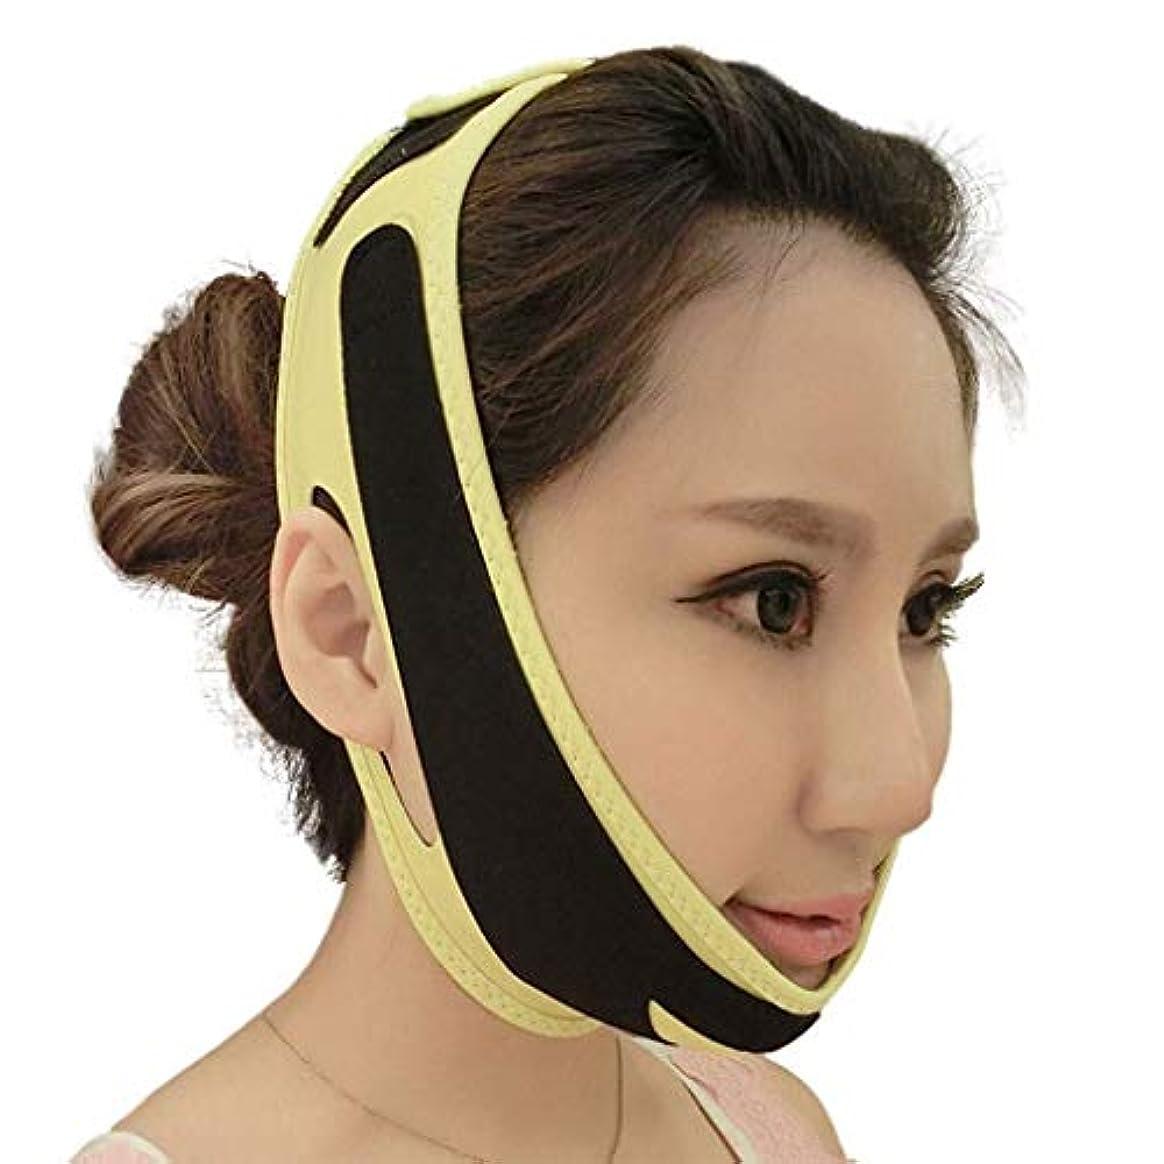 保持するミニ販売員顔の持ち上がる細くの伸縮性があるベルト、 フェイススリミングマスク、フェイスリフト包帯Vフェイスベルトフェイスリフトバンド 女性用バンドを持ち上げる